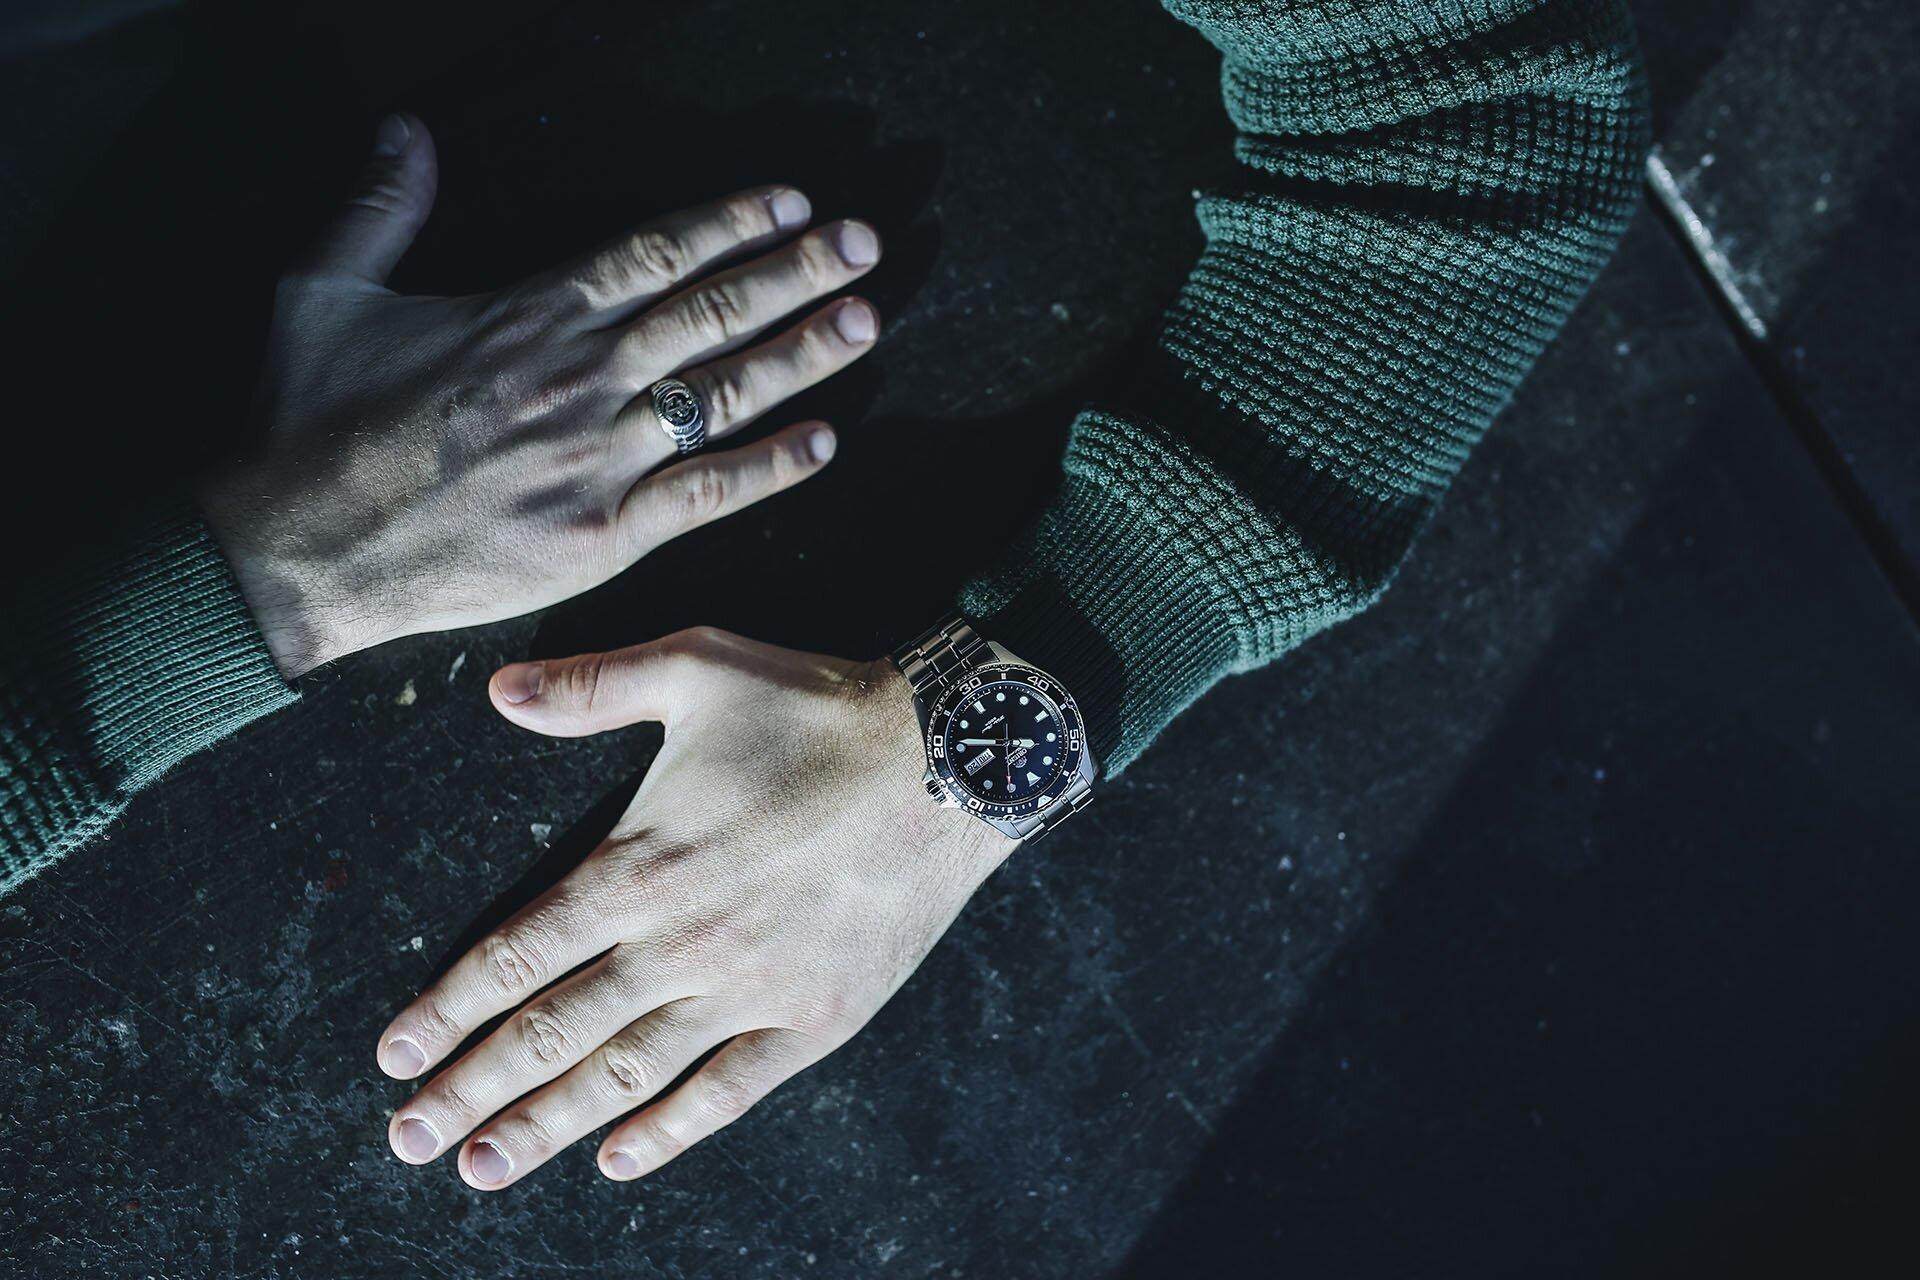 Zegarek Orient, Moda męska, Męskie akcesoria, Męskie dodatki, Modne gadżety dla mężczyzny